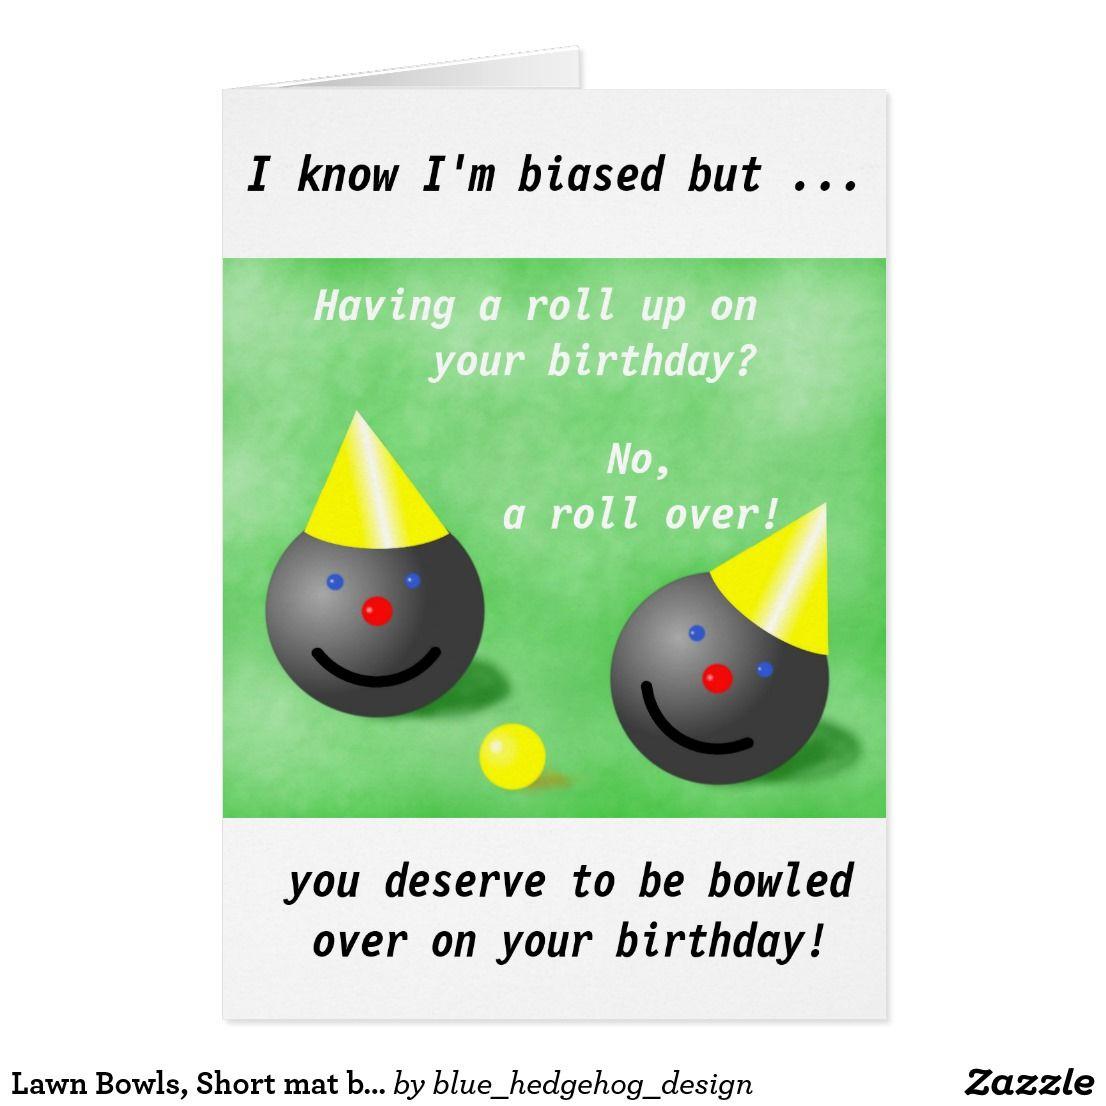 Lawn Bowls Short Mat Bowls Birthday Card Zazzle Co Uk Lawn Bowls Birthday Cards Cards